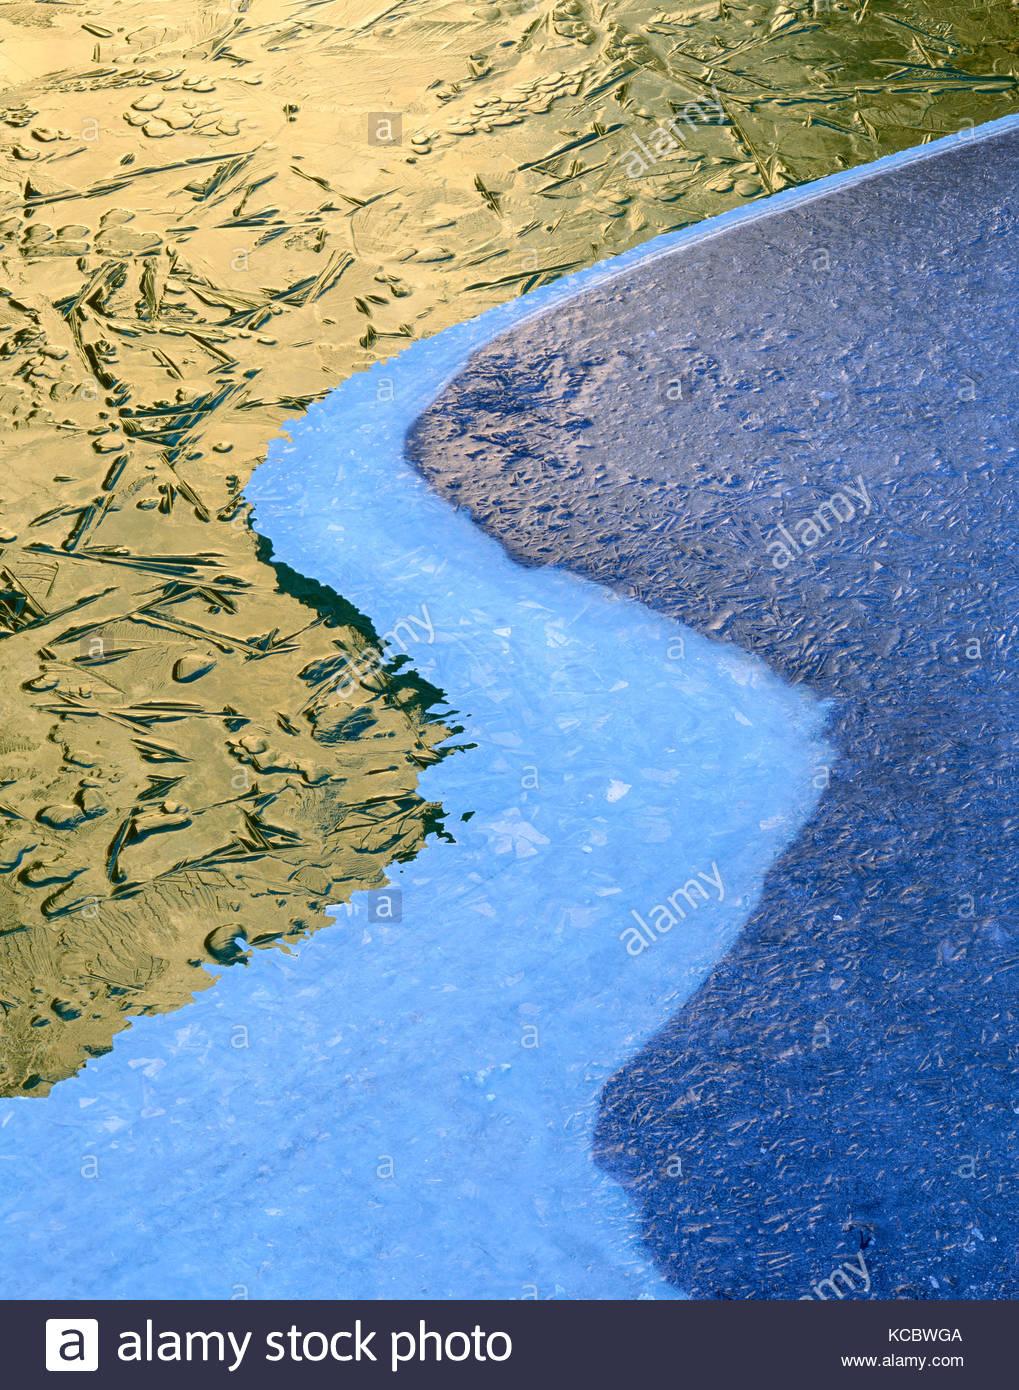 Tres capas de hielo patrones en el río Merced, El Parque Nacional Yosemite, California Imagen De Stock